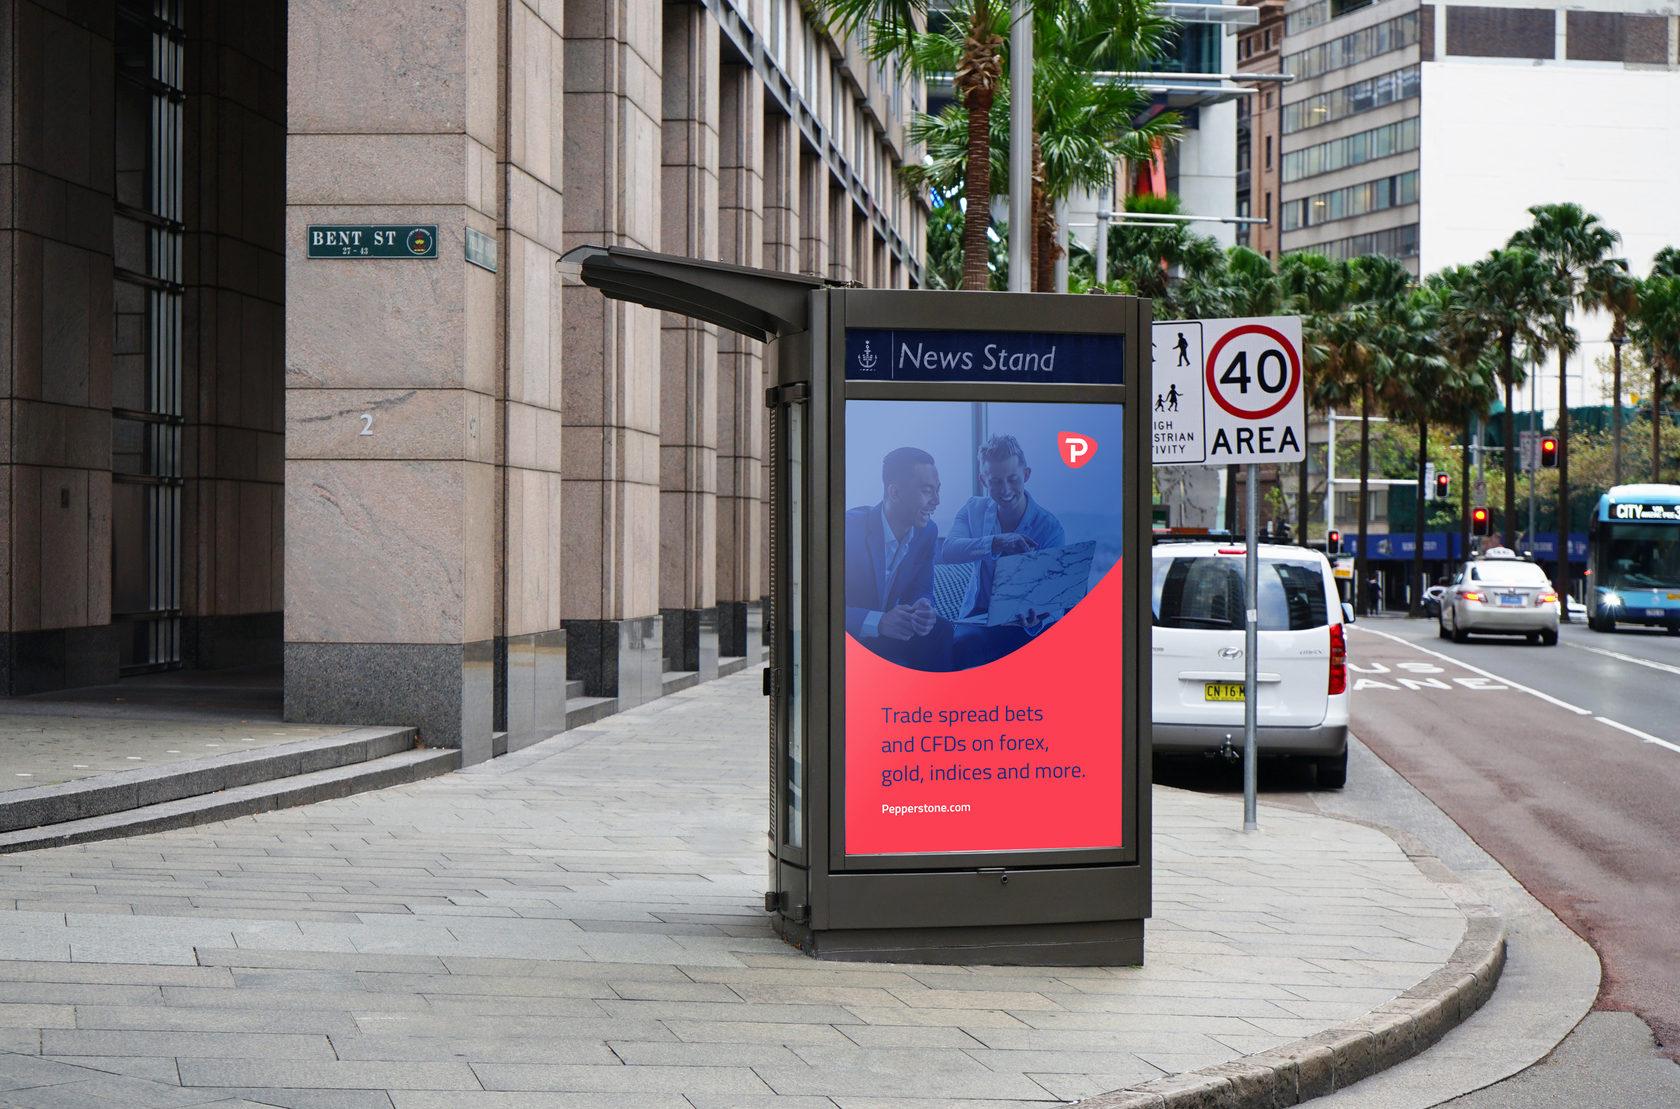 Pepperstone outdoor advertisement